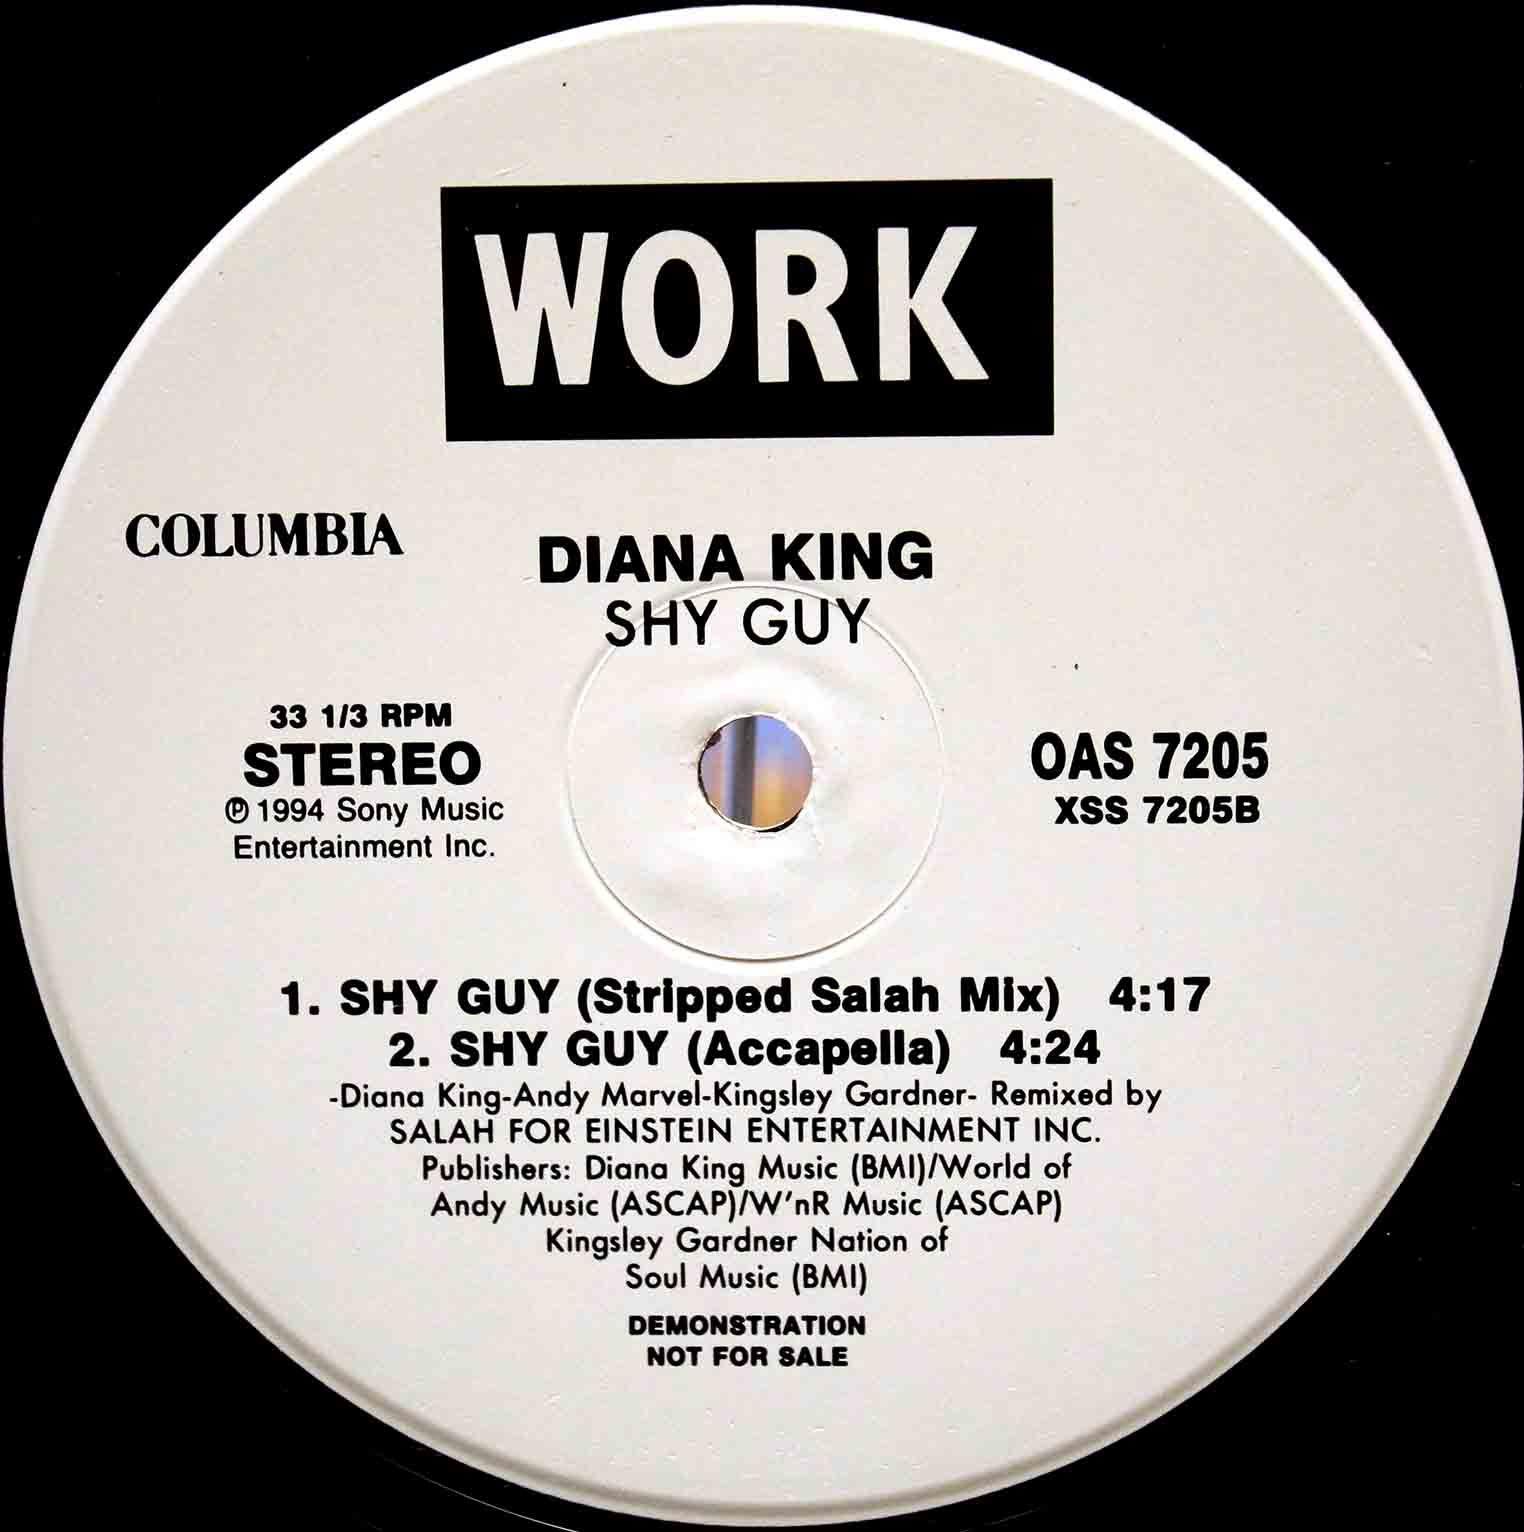 Diana King - Shy Guy 04